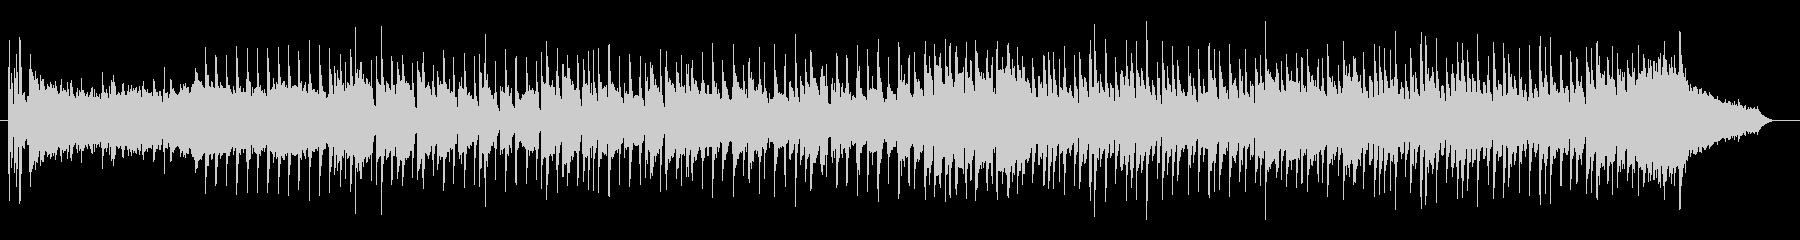 【ShortVer】12弦ギターメロディの未再生の波形